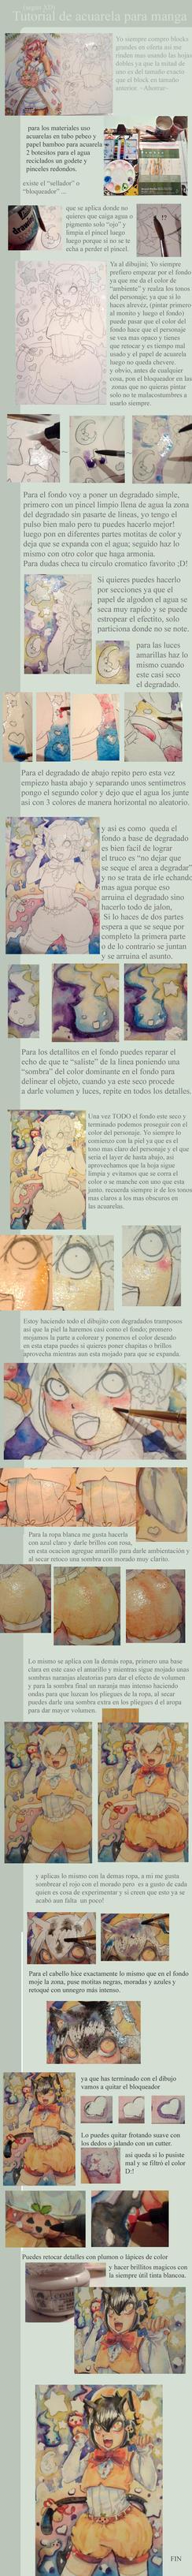 Tutorial acuarelas spanish version by Tanuki-Mapache